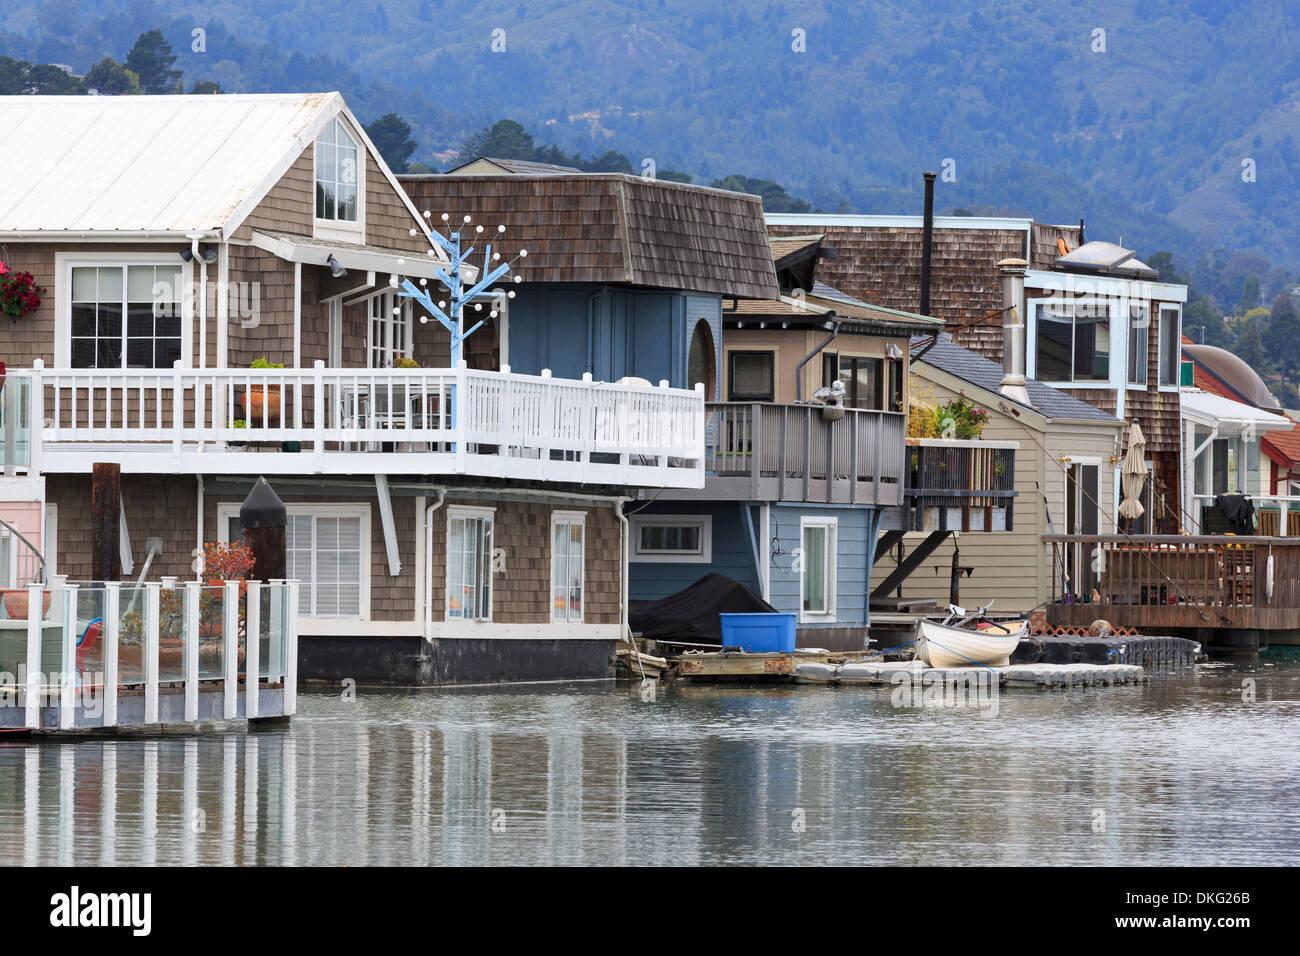 Péniches à Sausalito, comté de Marin, en Californie, États-Unis d'Amérique, Amérique du Nord Photo Stock